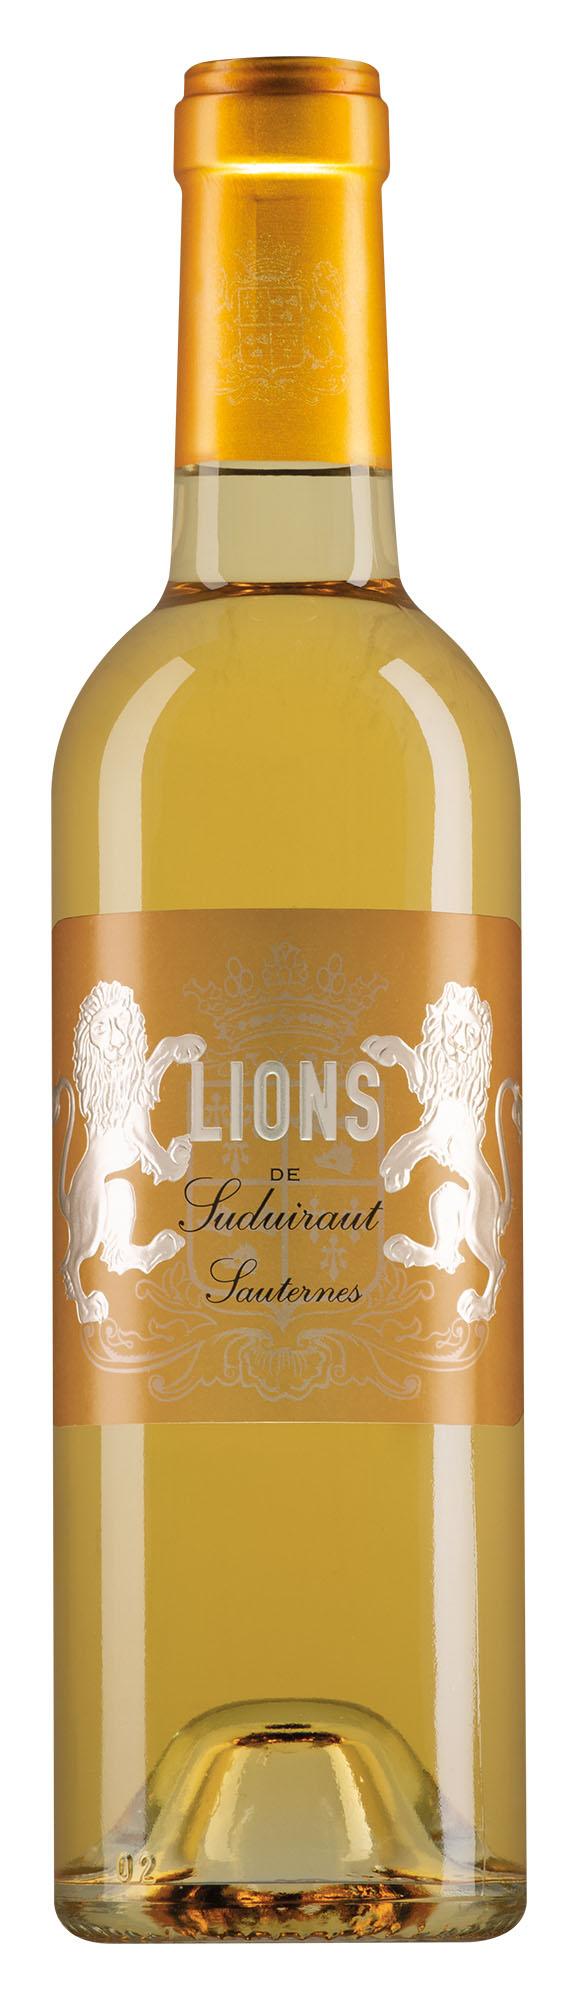 Château Suduiraut Sauternes Lions de Suduiraut halve fles